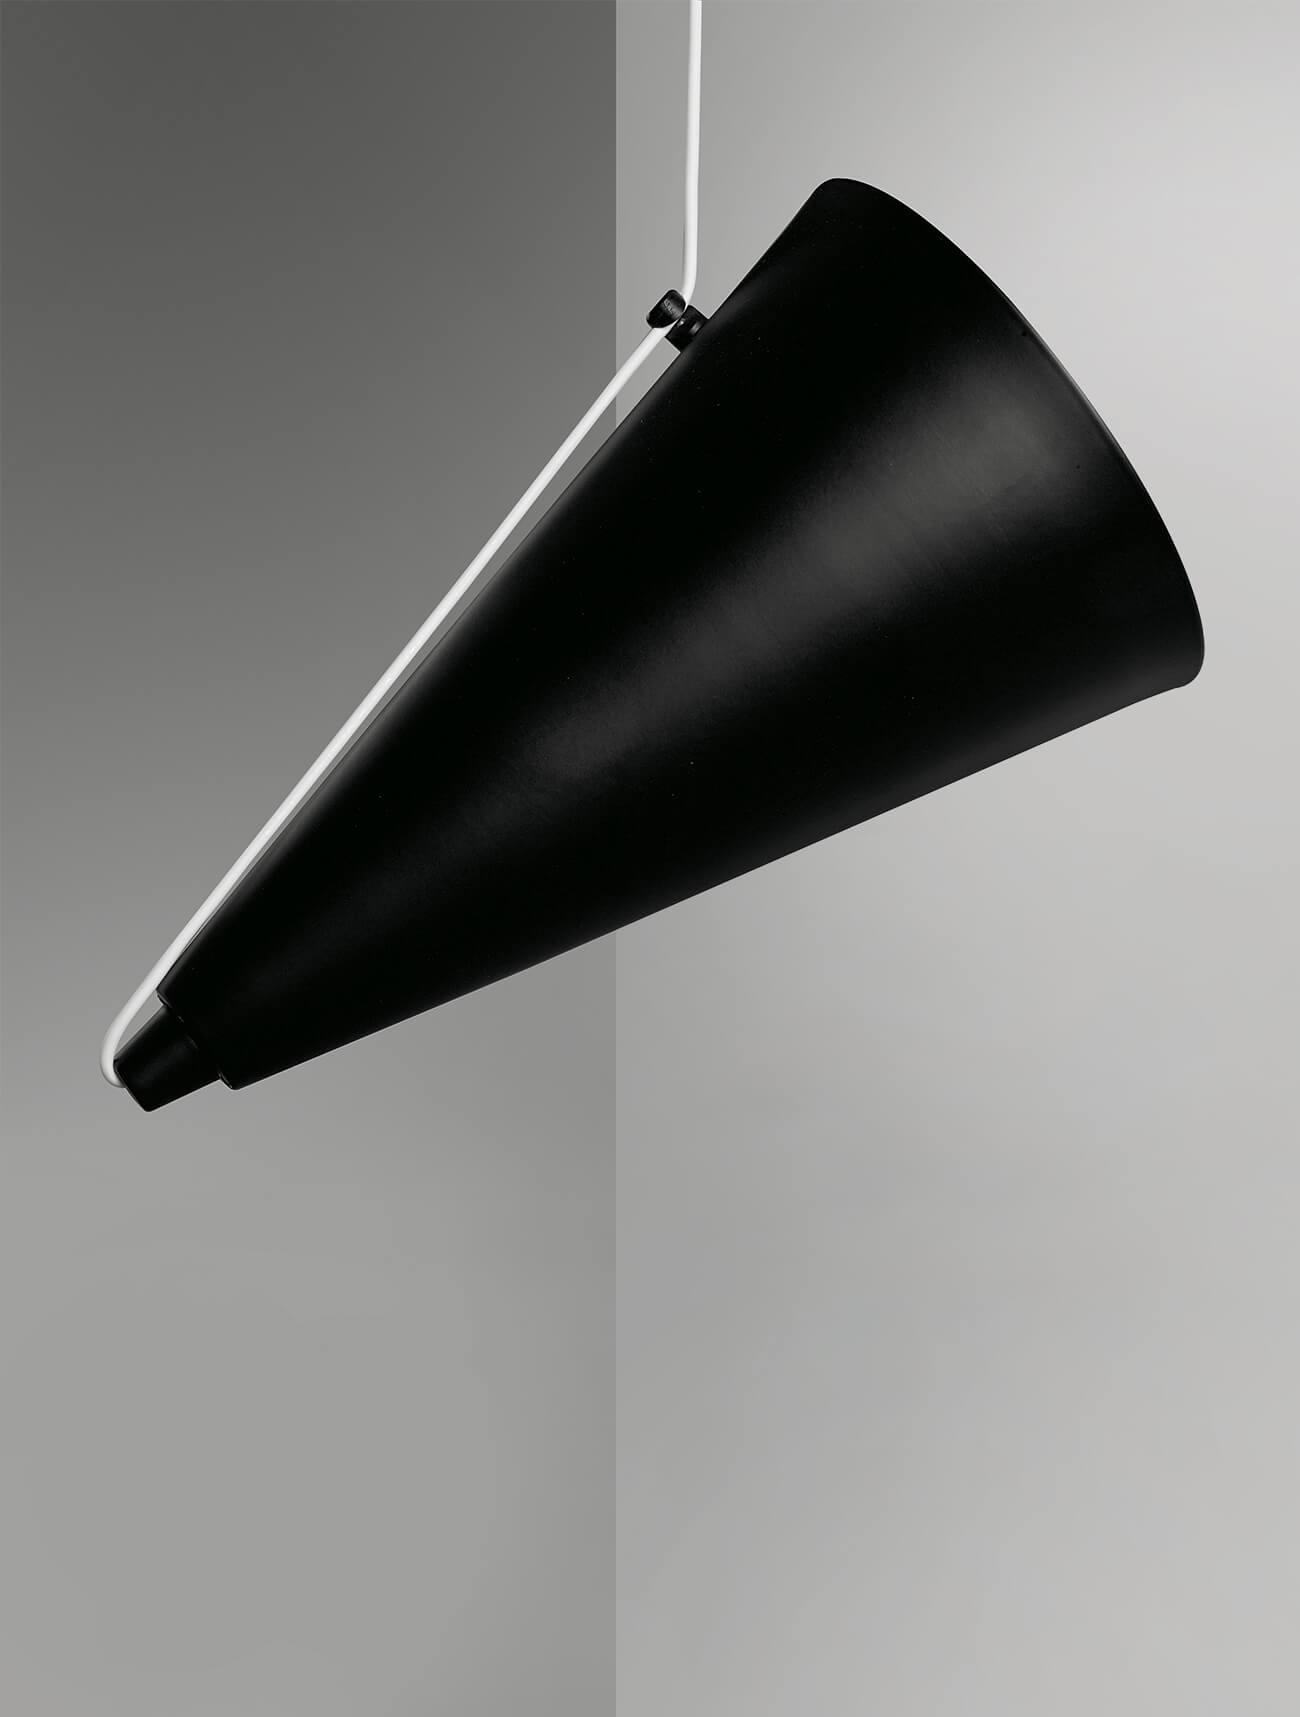 cone-02-still